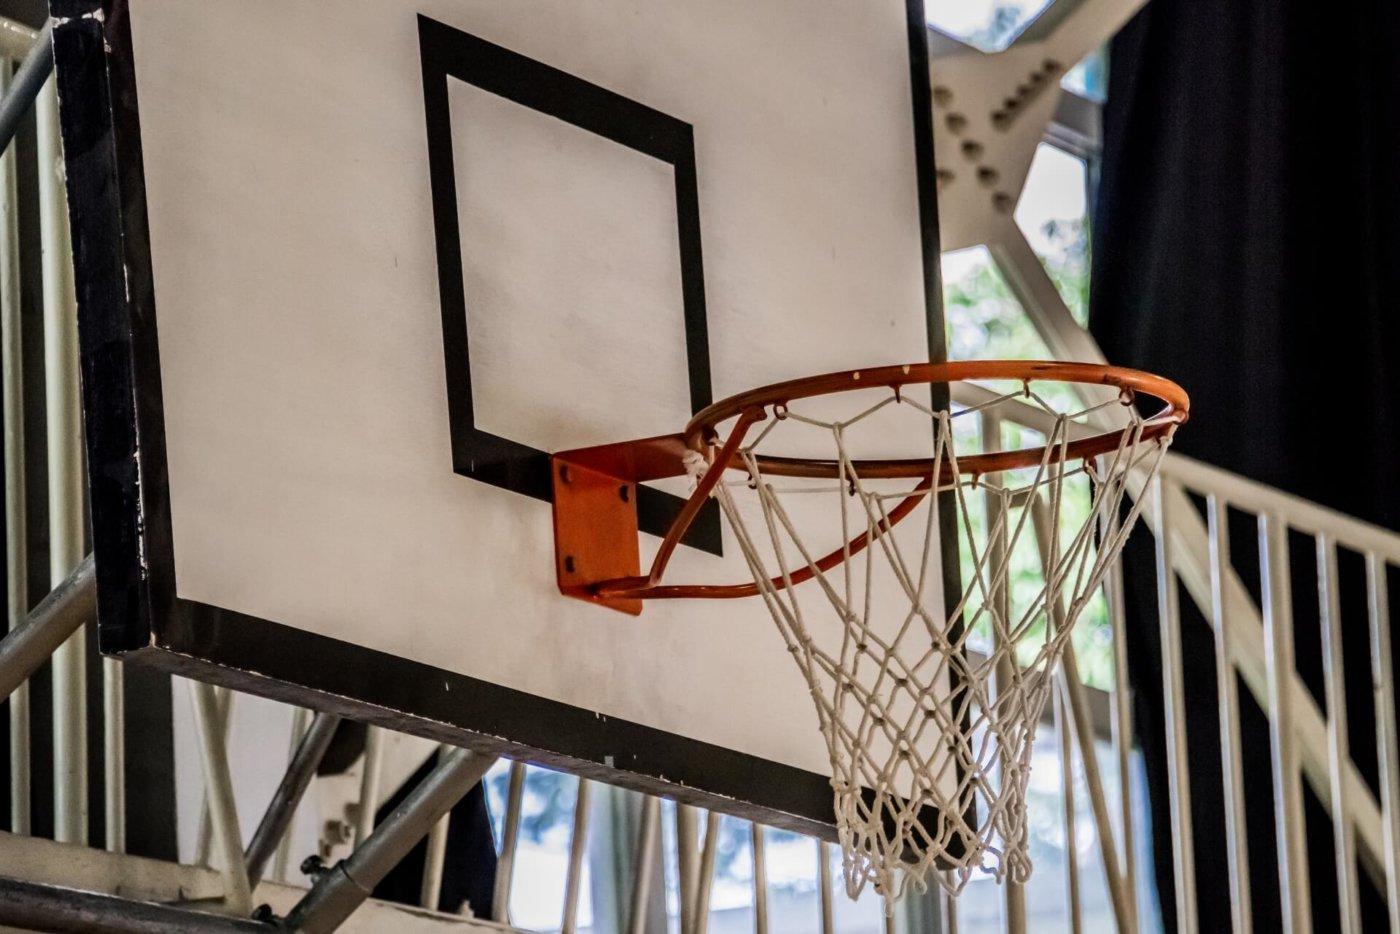 バスケのゴールが設置されている公園 〜宮城編〜